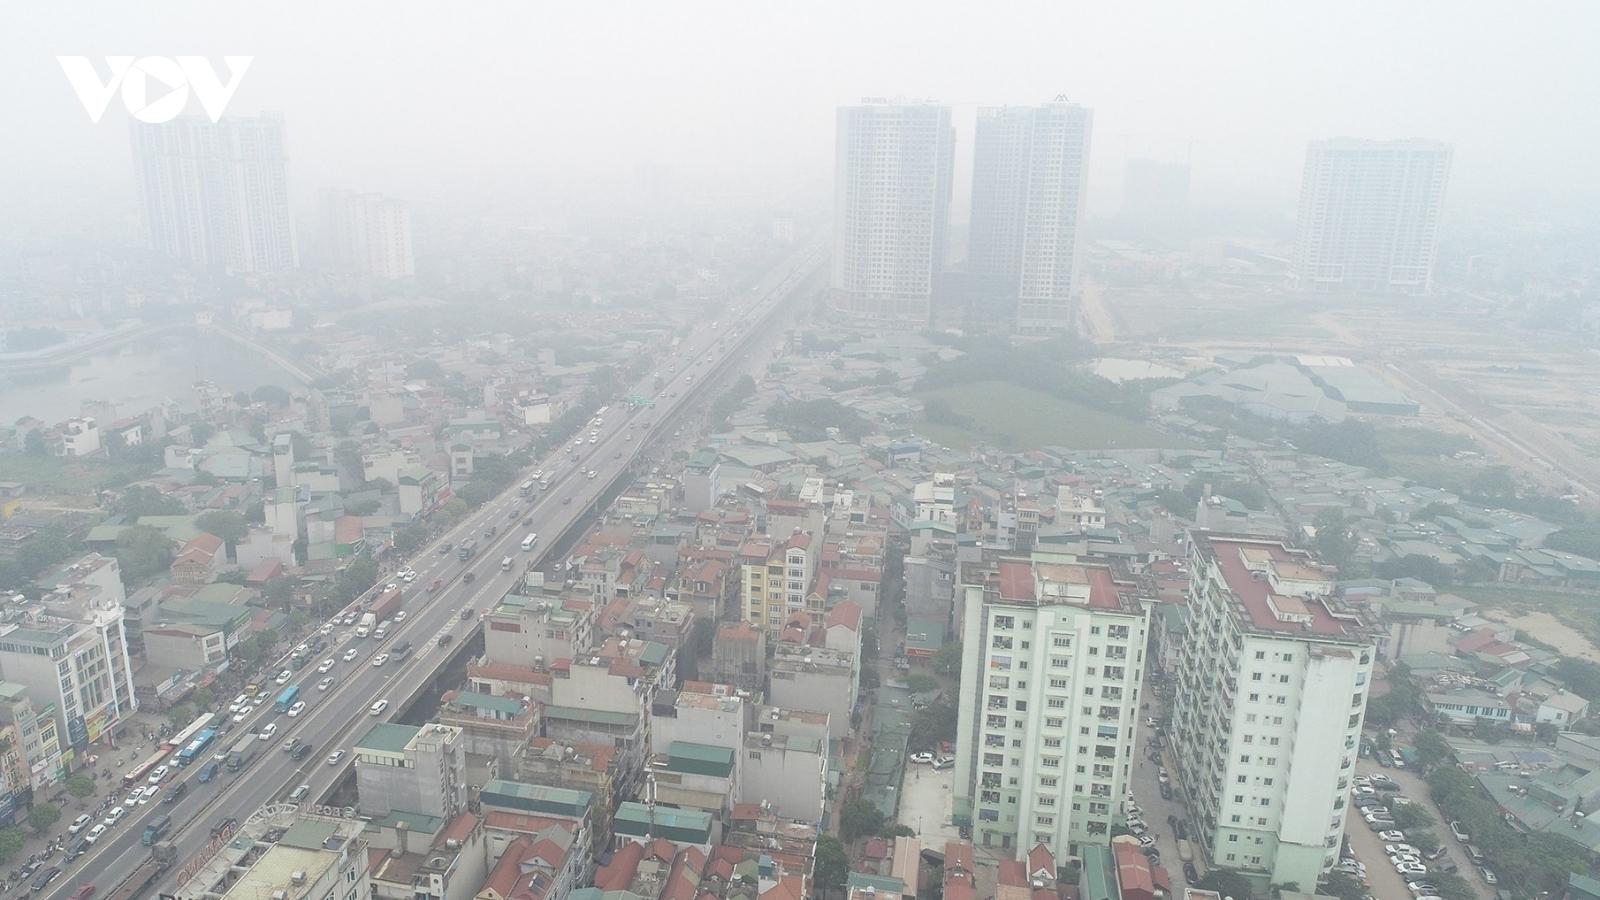 Hà Nội và các tỉnh phía Bắc tiếp tục ô nhiễm không khí nghiêm trọng